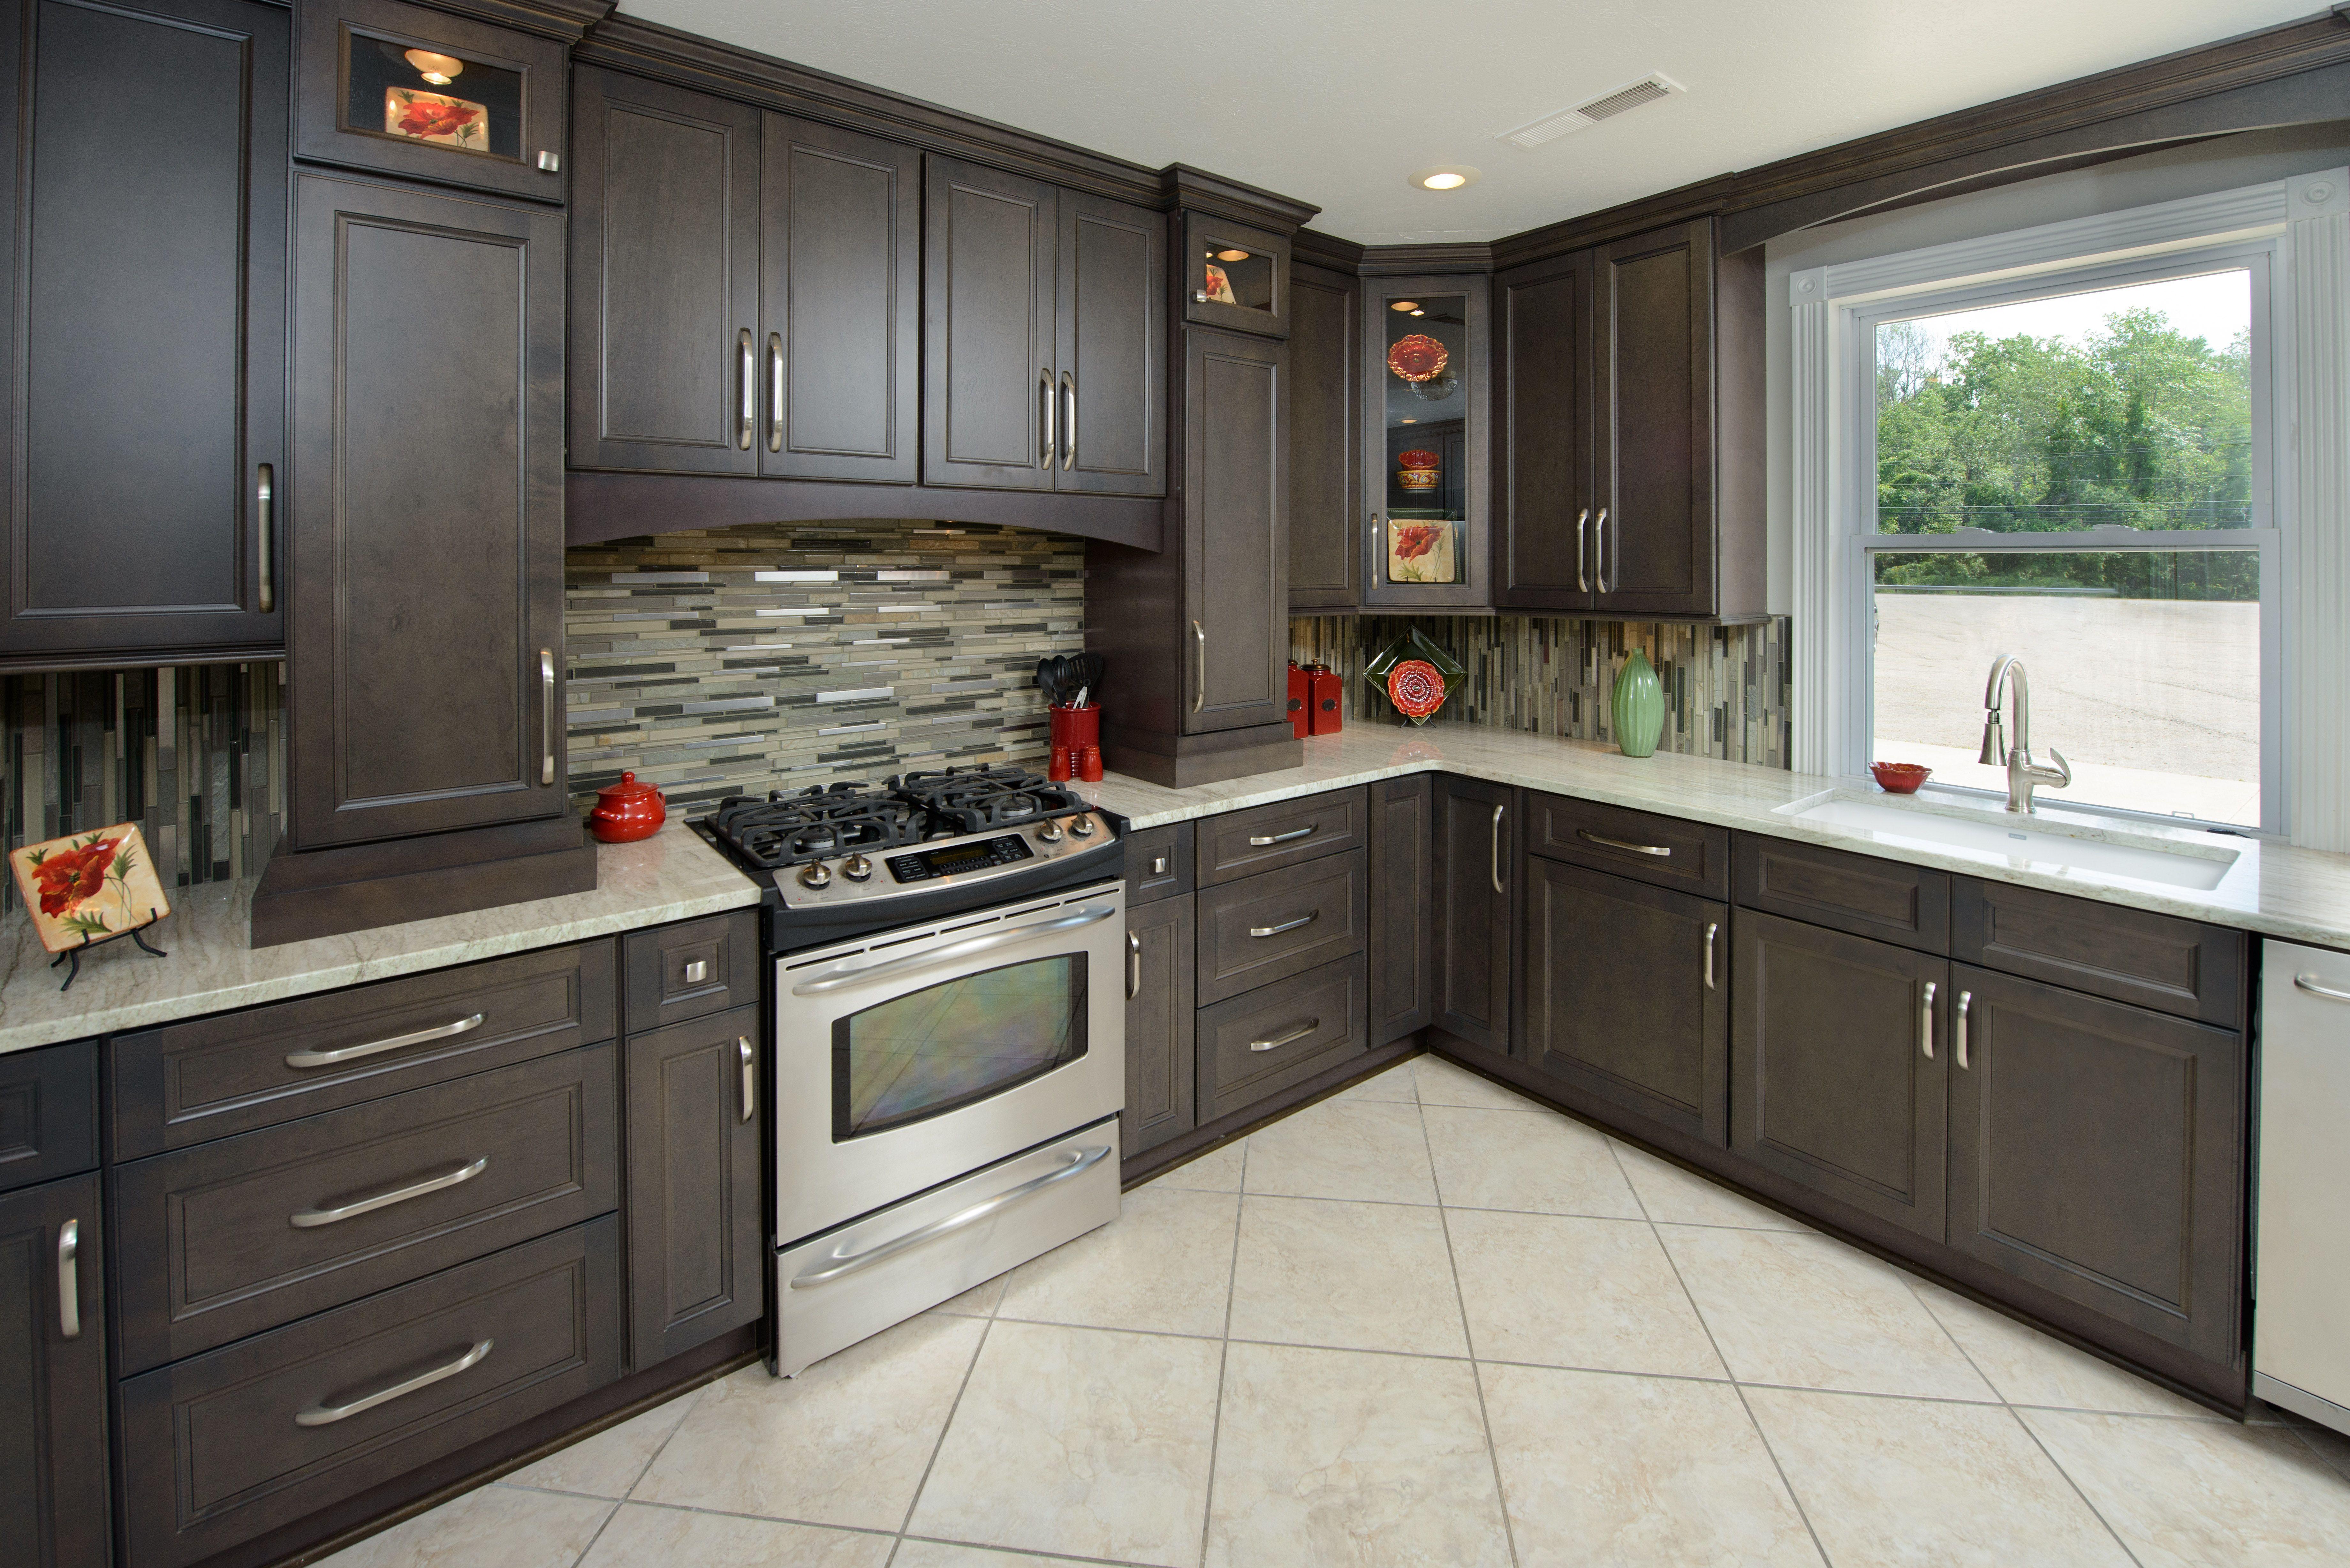 West Point Grey Cabinet Style Decoracion De Cocina Cocinas De Casa Diseno De Cocina Moderna